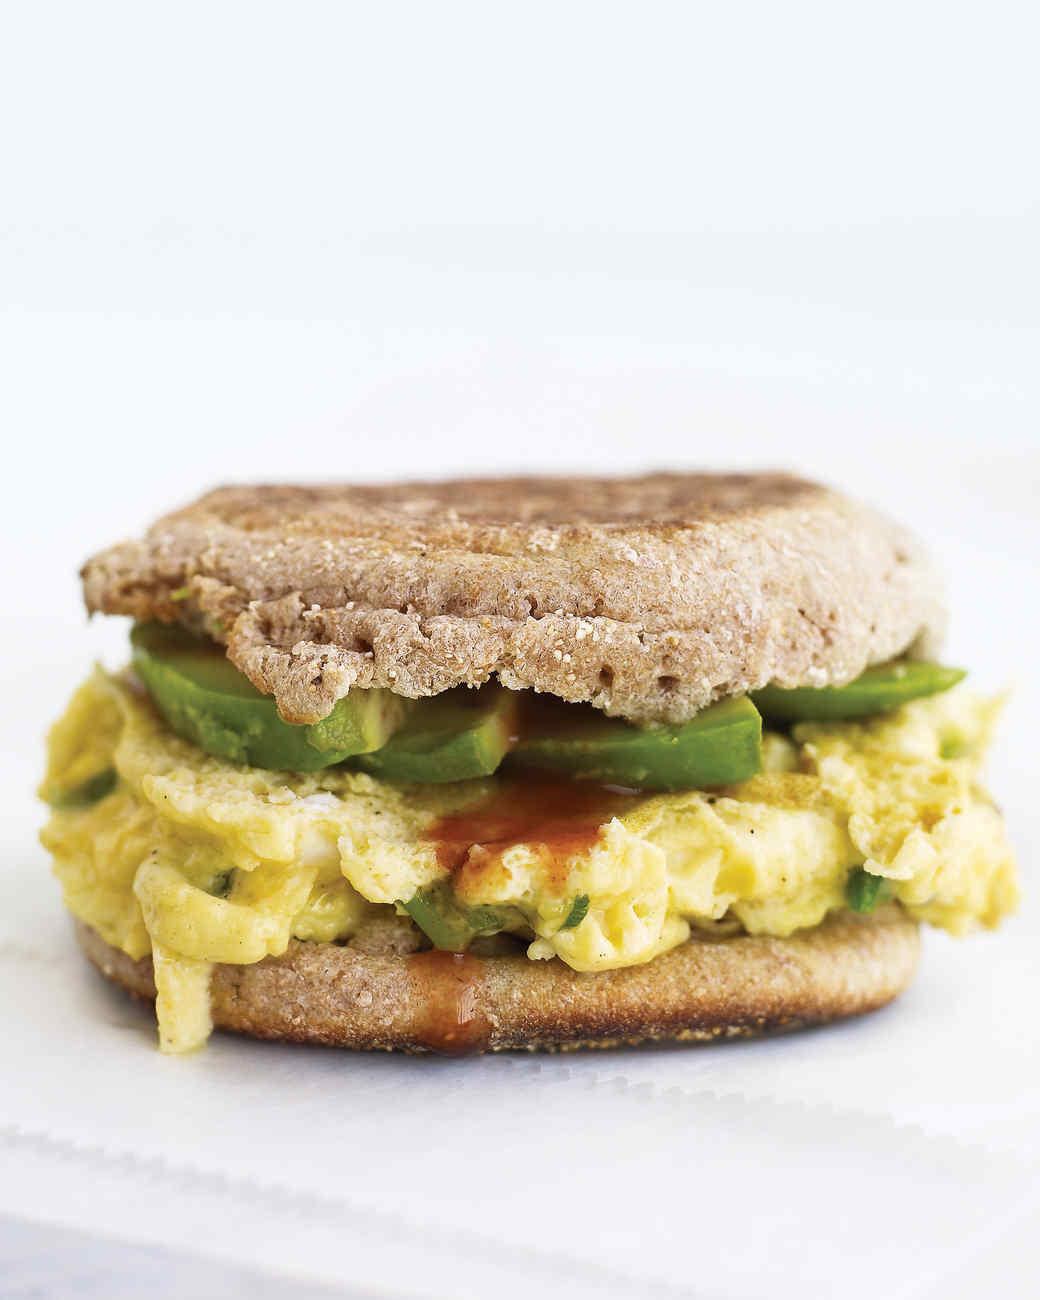 egg-avocado-sandwich-1009-med104890.jpg